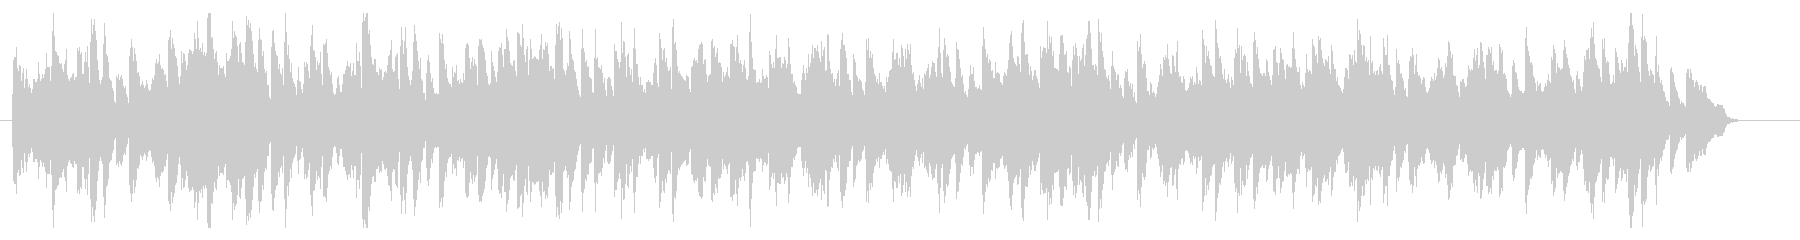 ブラームスのワルツをヴァイオリンでの未再生の波形